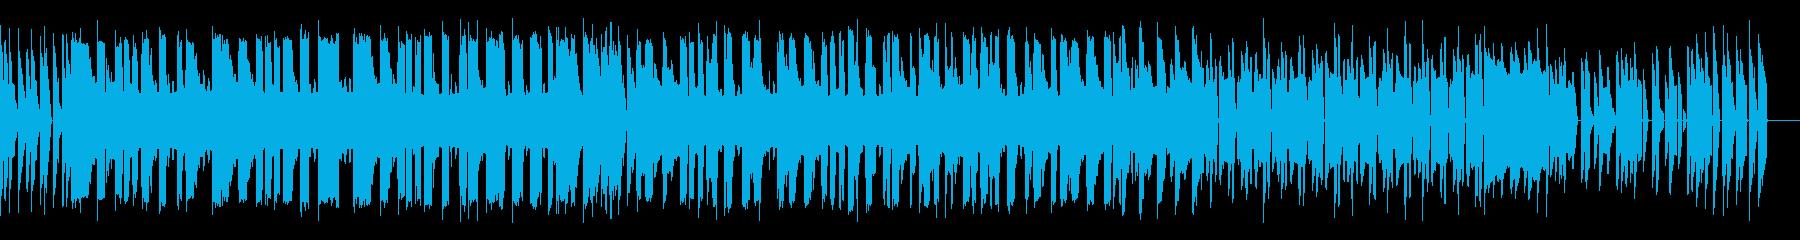 親しみやすいjpop風チップチューンの再生済みの波形